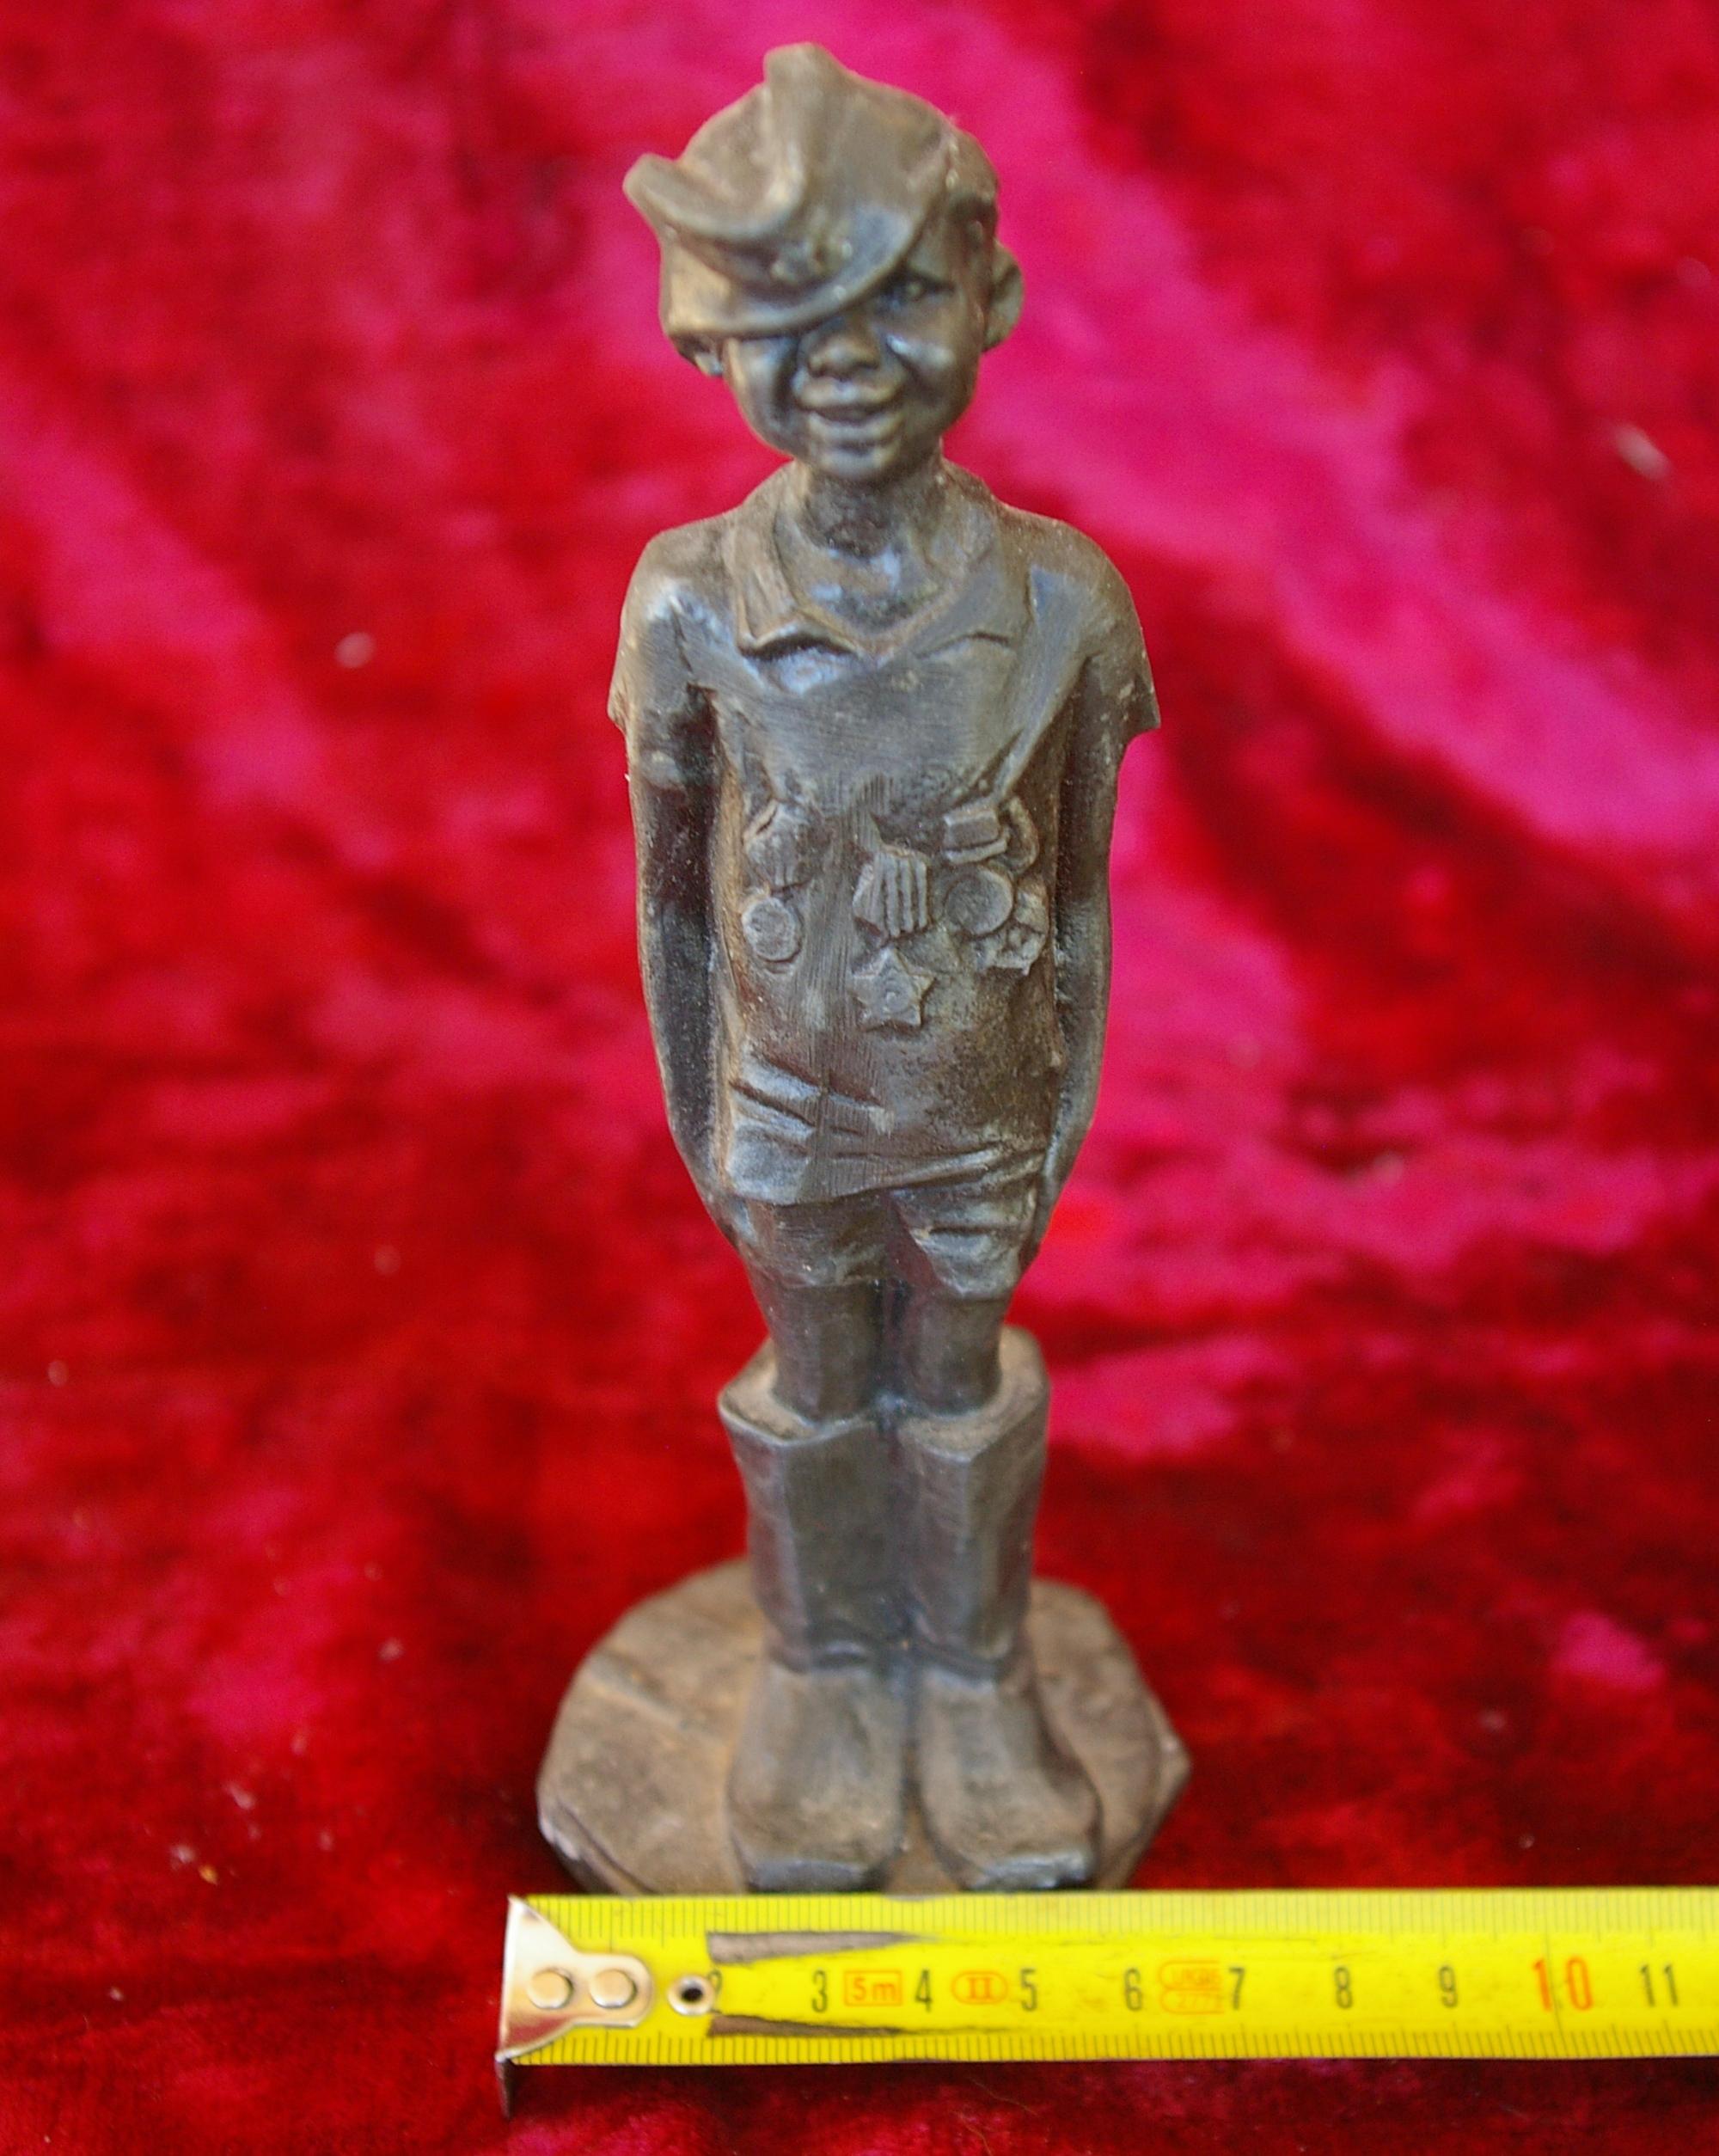 Скульптура Мальчик, материал бронза, высота 19 см., ширина 6 см., длина 6 см. - 6